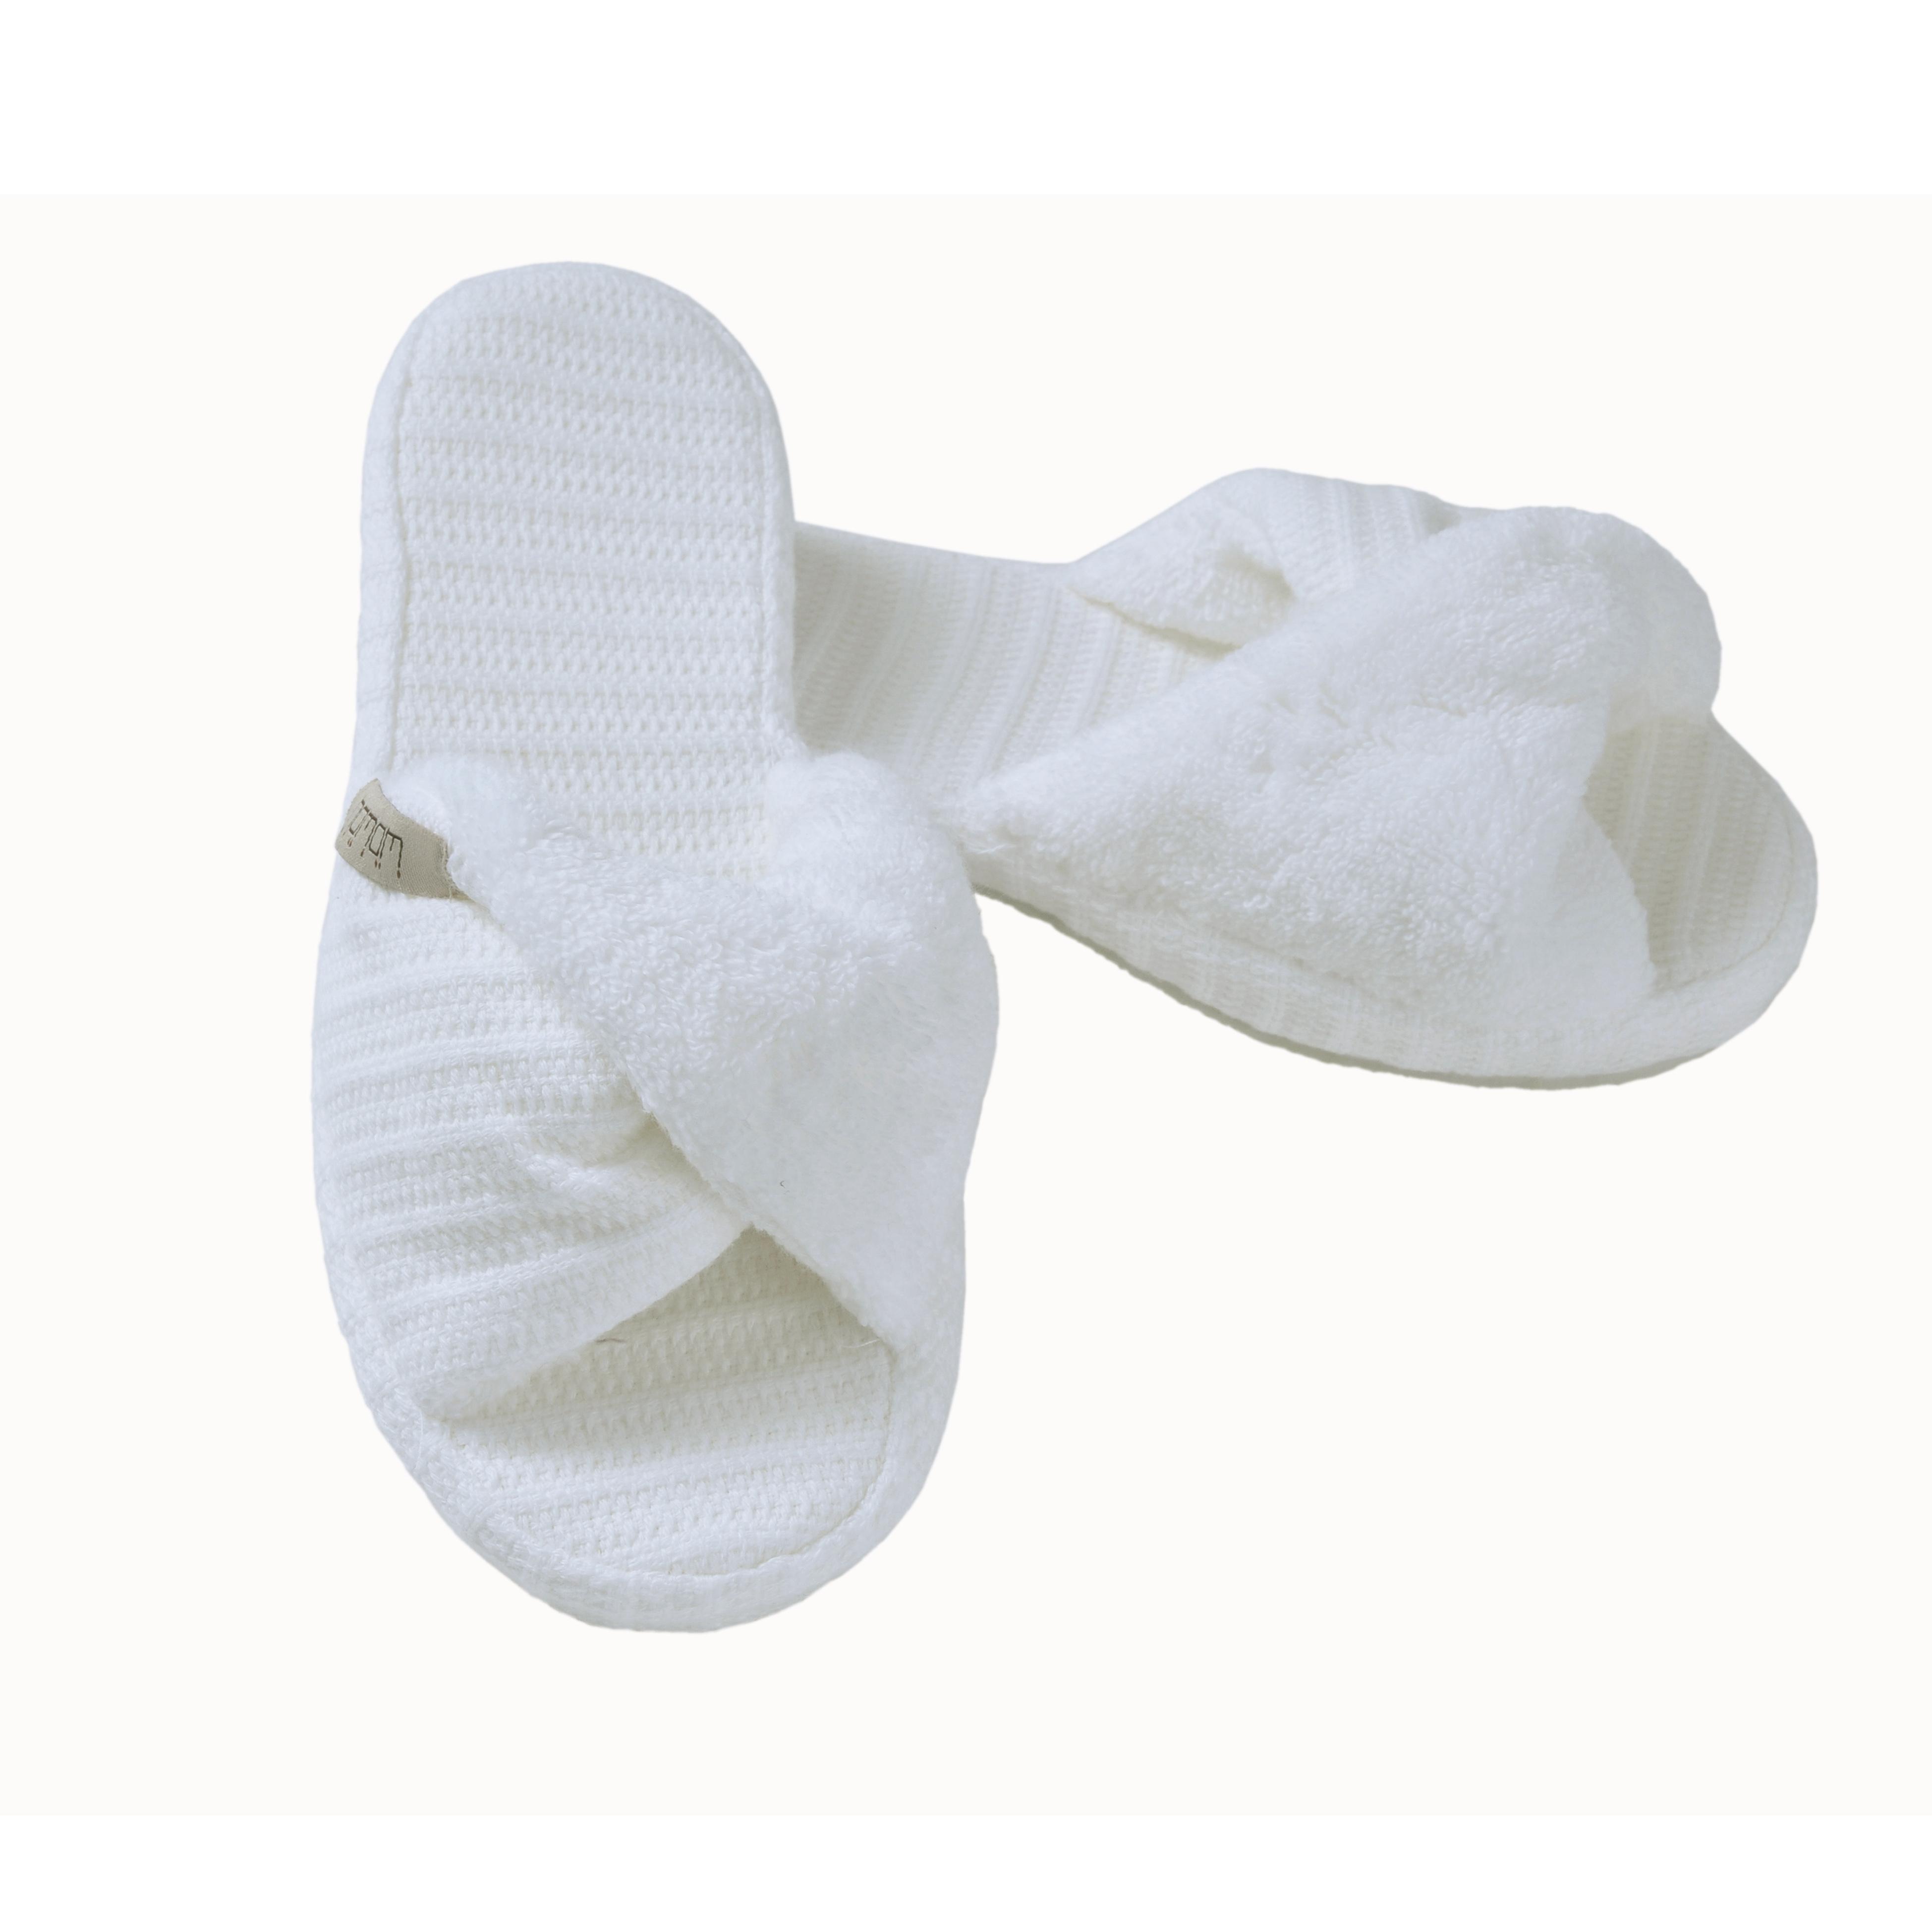 Тапочки Fula Цвет: Белый (38-39) HAMAM ham436890